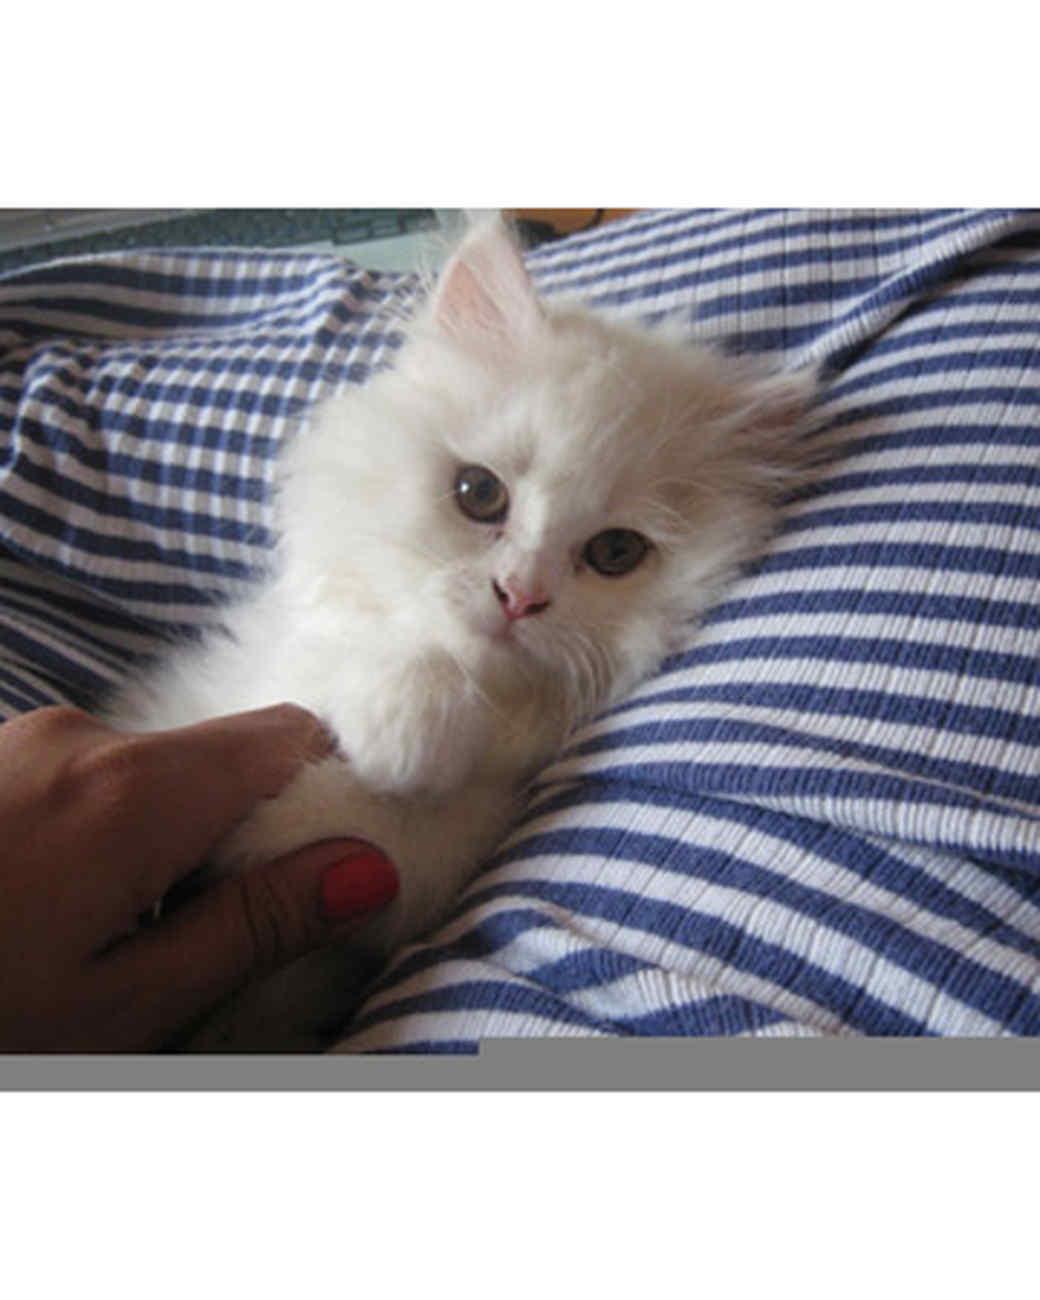 pets_kittens_0610_9534658_23595946.jpg